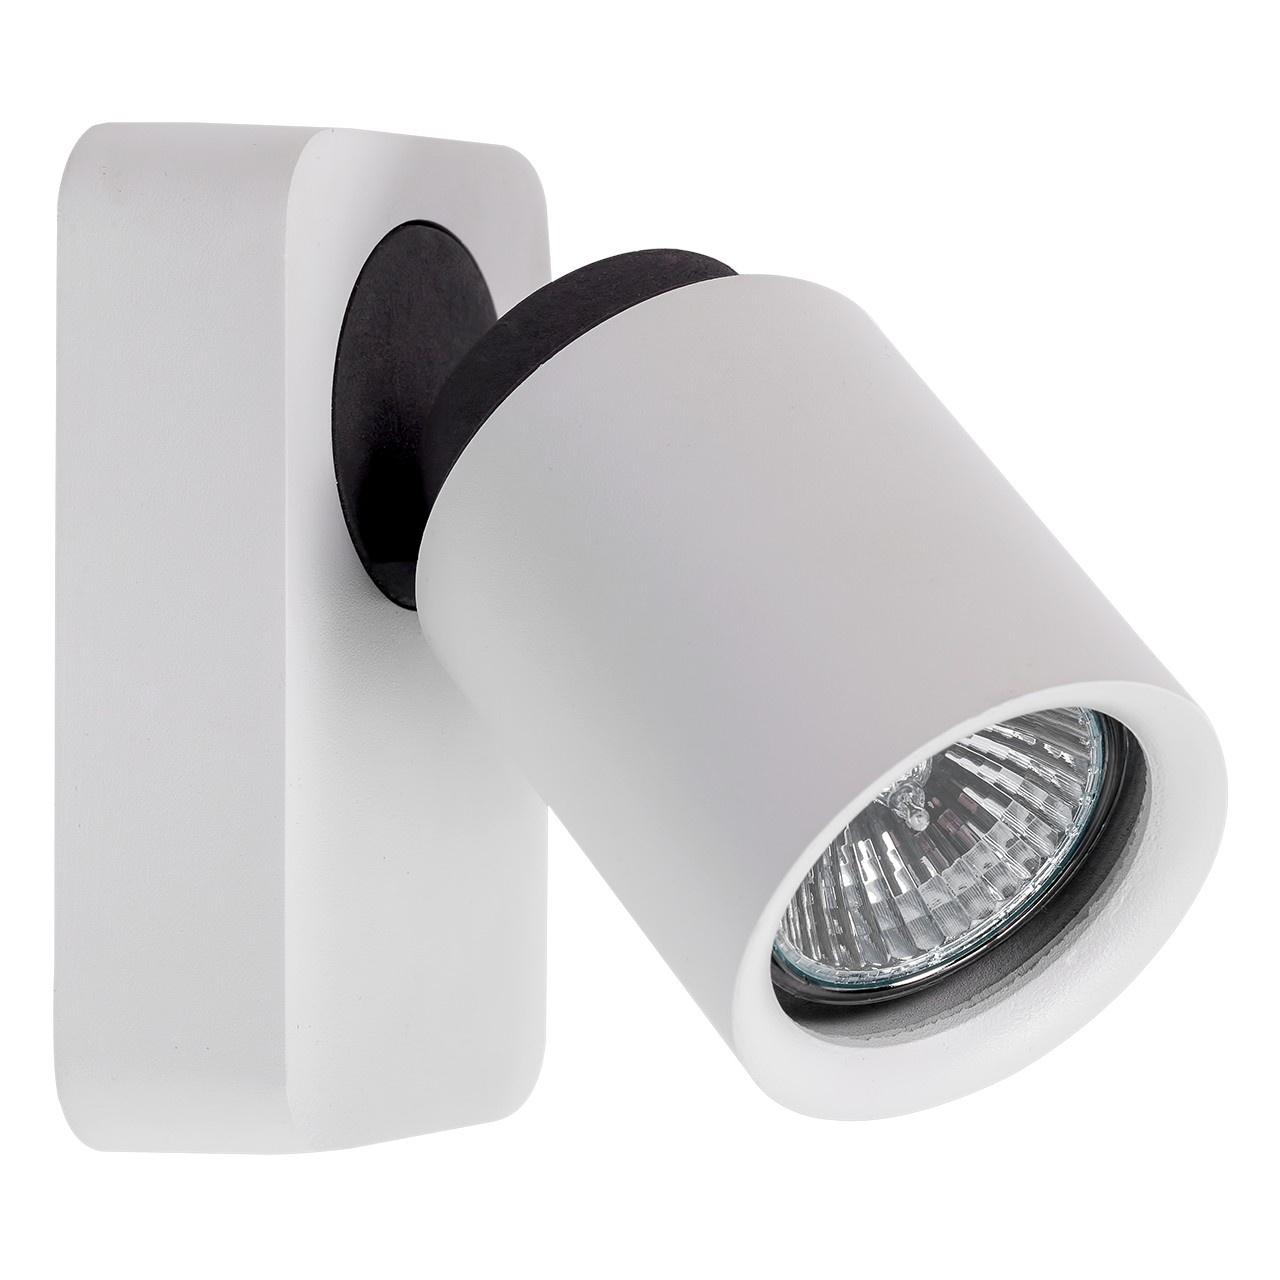 545020401 Астор 1*50W GU10 220 V IP20 спот545020401Добавлением изюминки для создания функционального пространства послужит использование спота для освещения. Споты из коллекции Астор станут прекрасным зональным и общим источником света и придадут определённый шарм своим внешним образом. Матовые металлические плафоны гармонично будут смотреться на фоне светлой отделки стен и потолка, или же контрастно подчёркнут всю глубину тёмных оттенков в отделке интерьера.